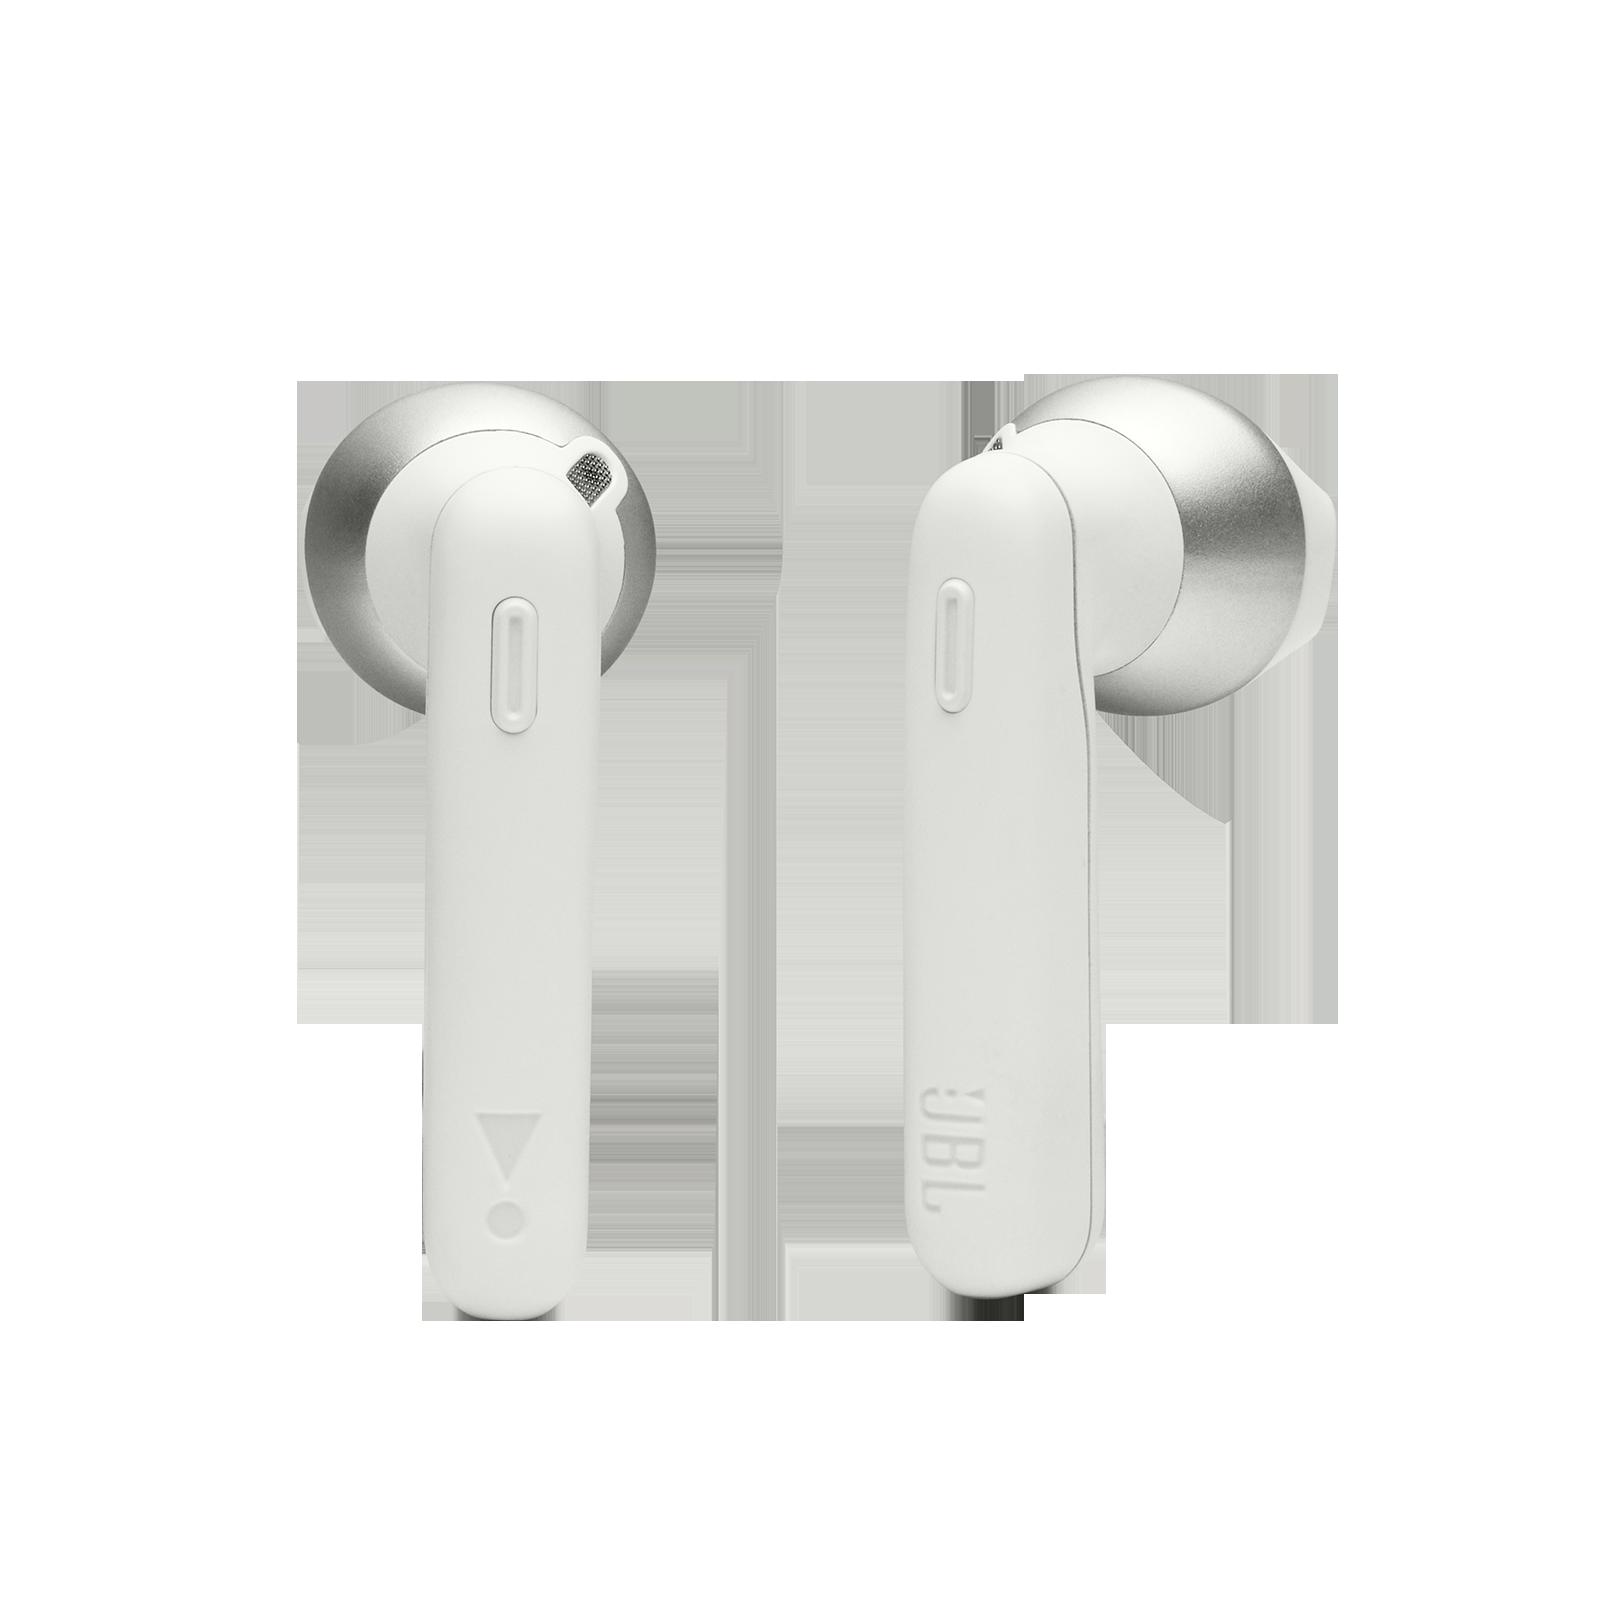 JBL Tune 220TWS - White - True wireless earbuds - Detailshot 1